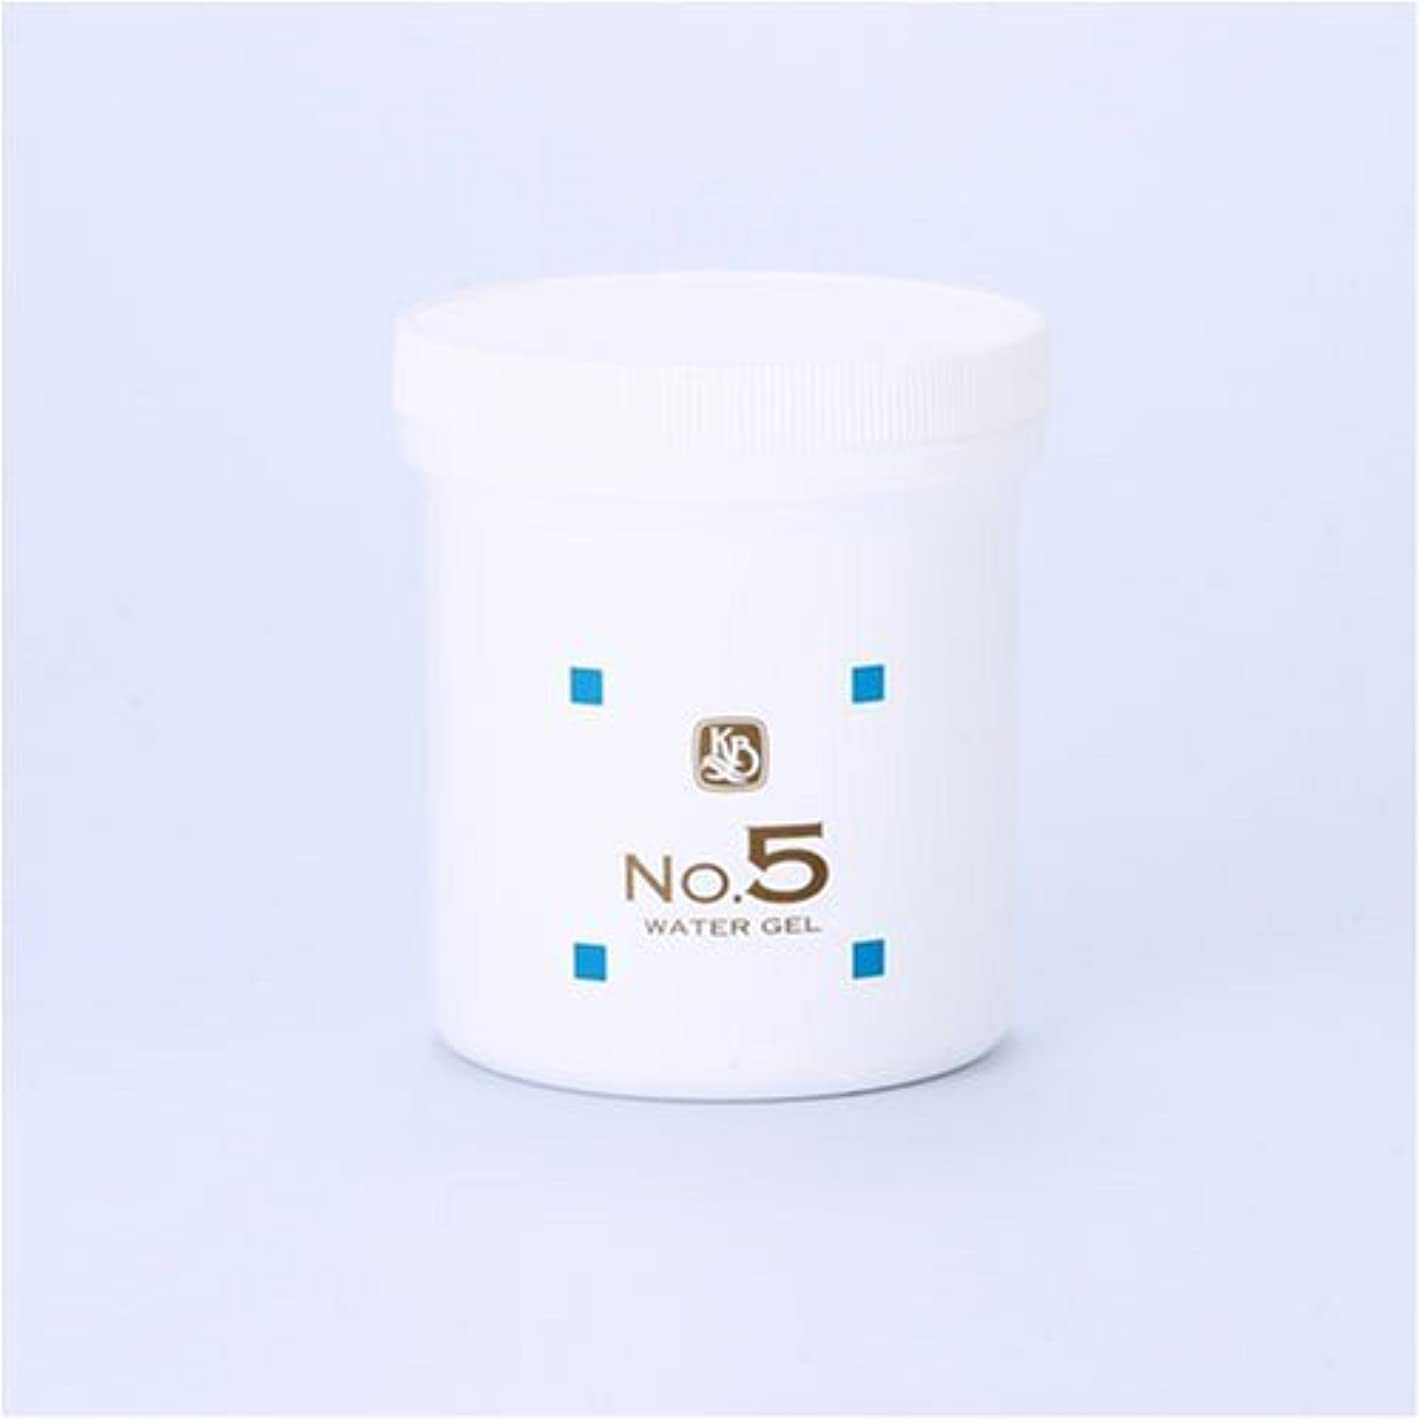 破滅電池二週間顔を洗う水シリーズ ウォーターゲルNo.5 500g